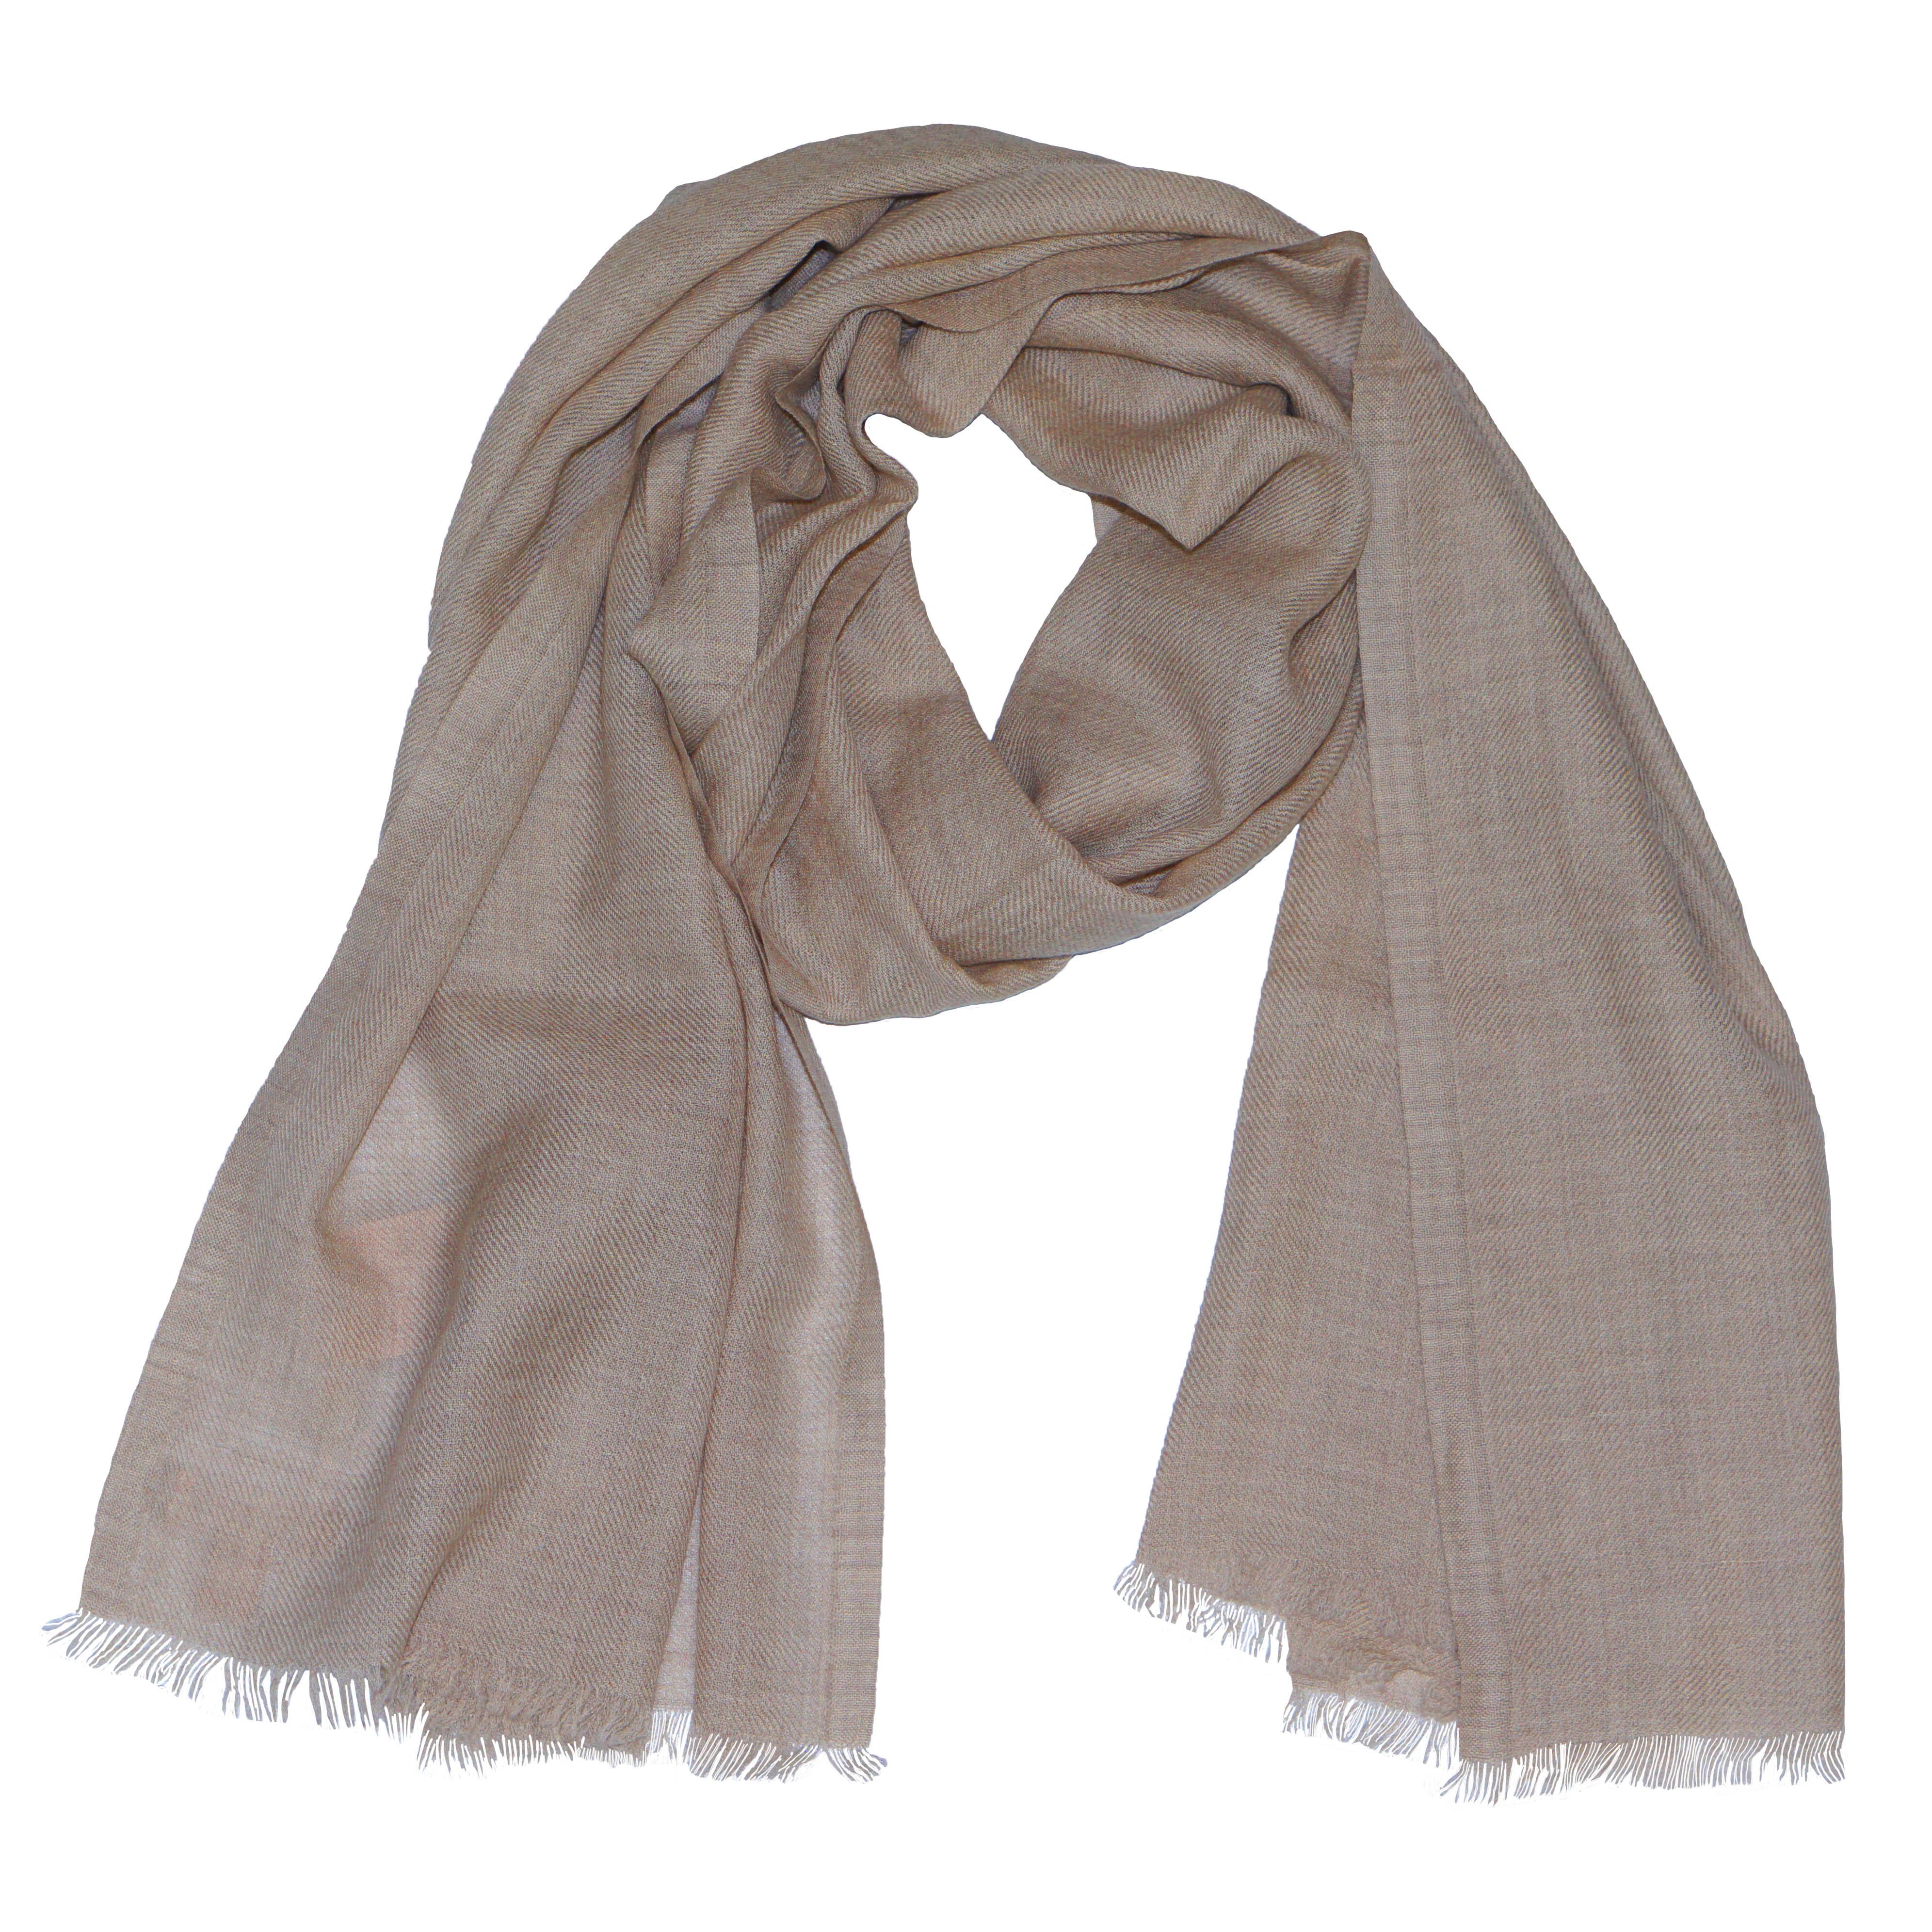 charpe en laine cachemire bio pour homme et femme couleur beige nature 200 x 65 cm albert kreuz. Black Bedroom Furniture Sets. Home Design Ideas